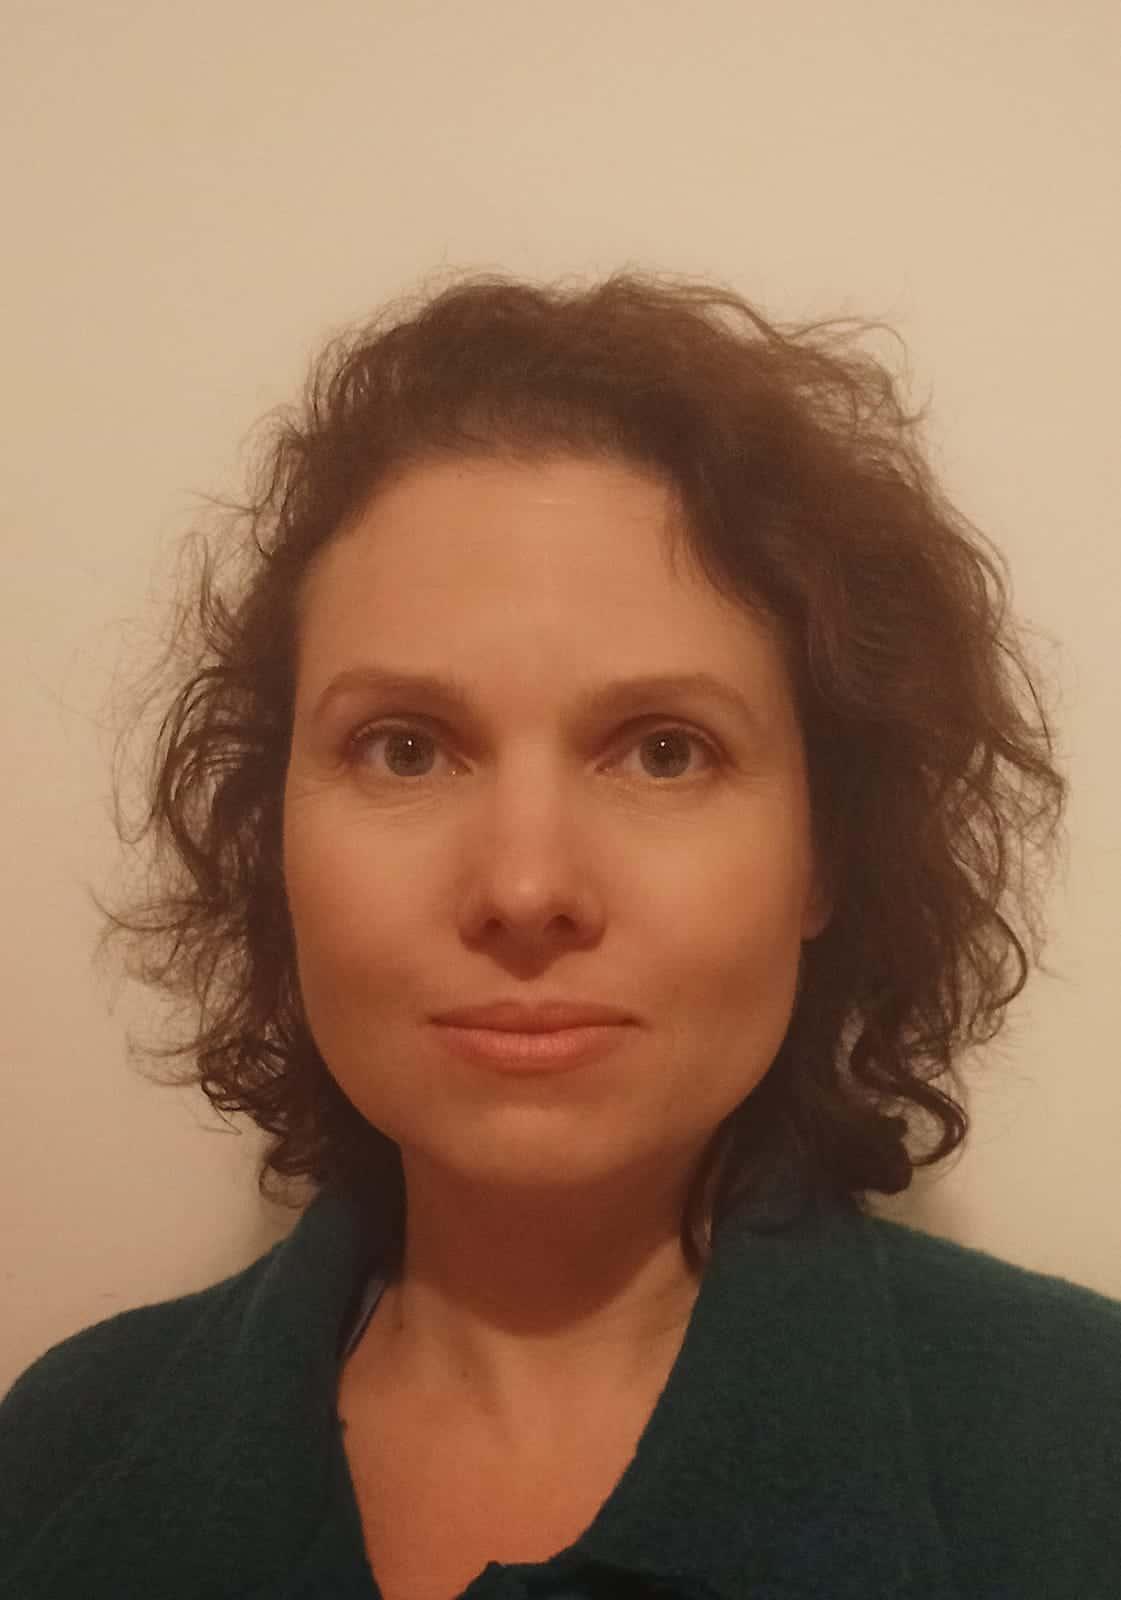 Helen Howard-Betts